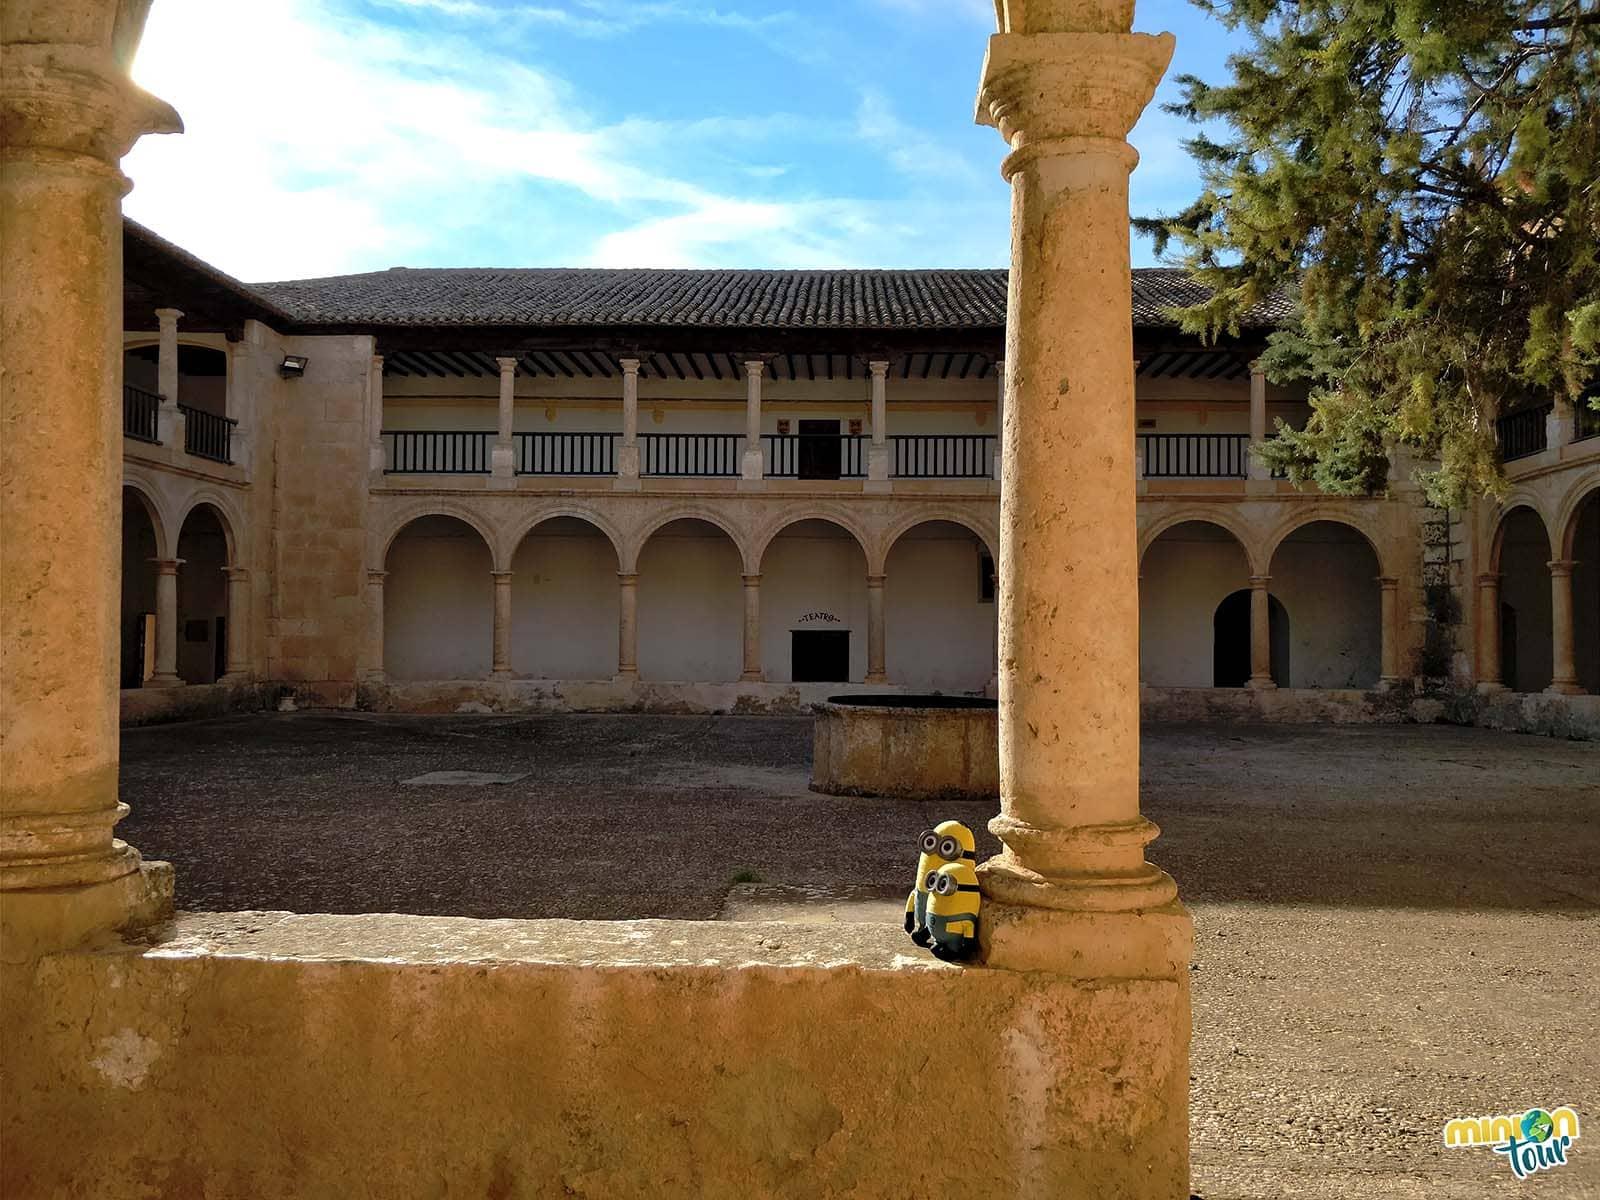 Comenzamos la búsqueda del patrimonio religioso de Fuensanta en el claustro del santuario